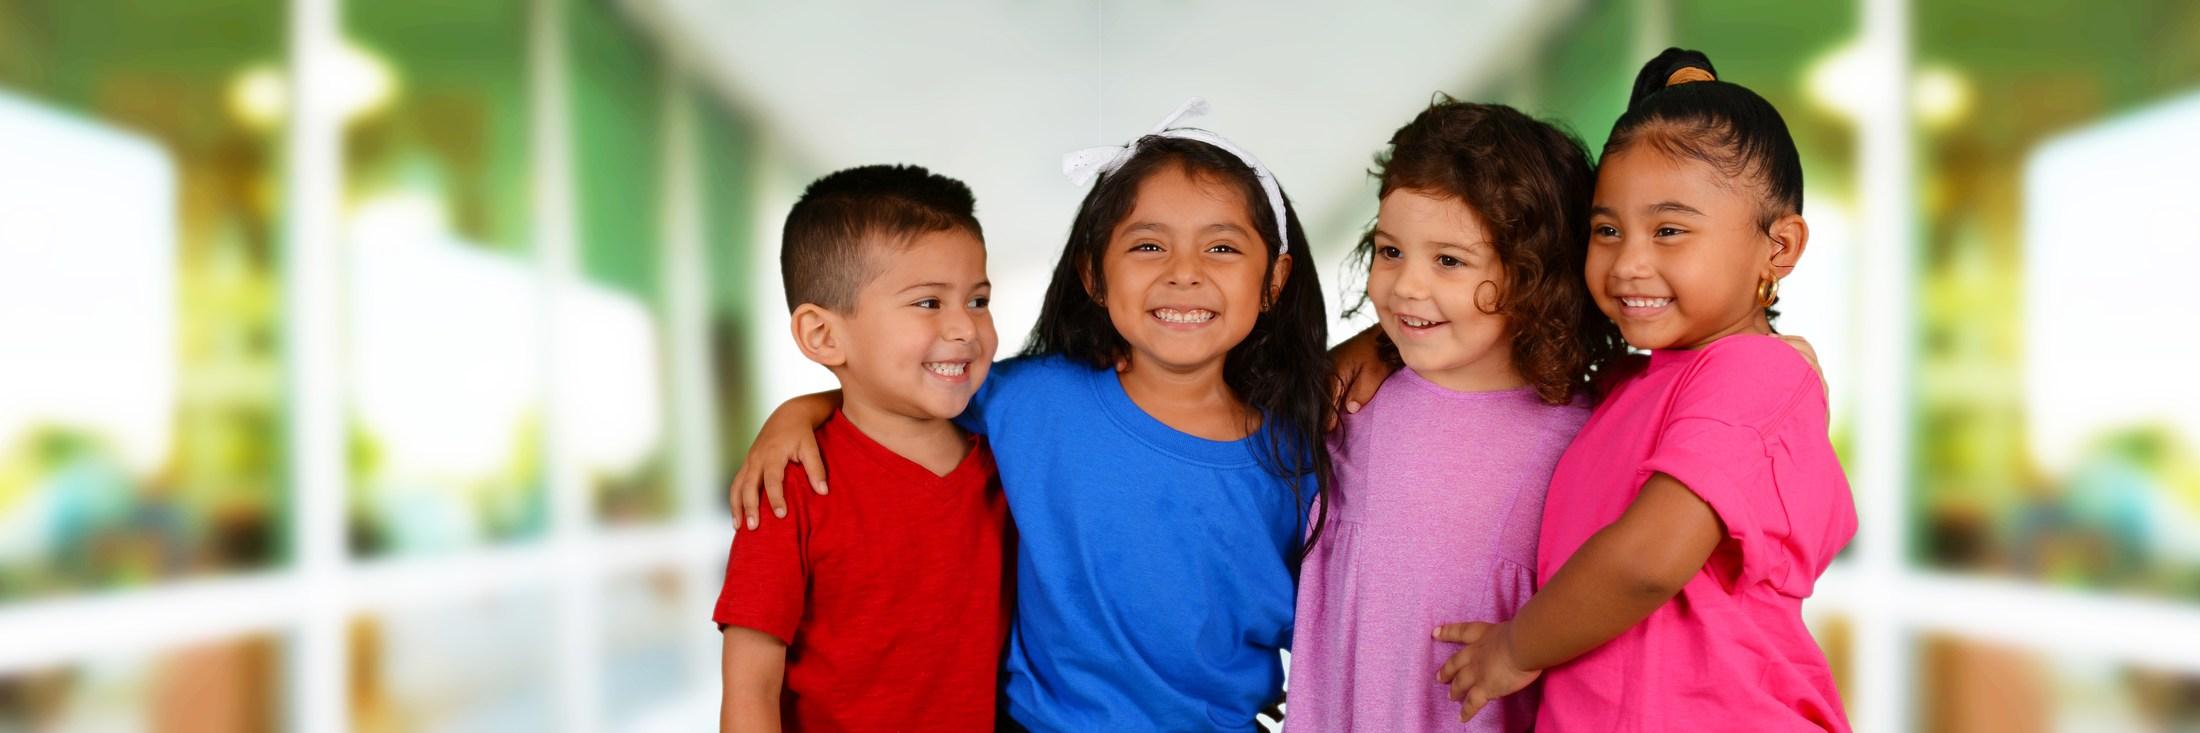 Children standing shoulder to shoulder